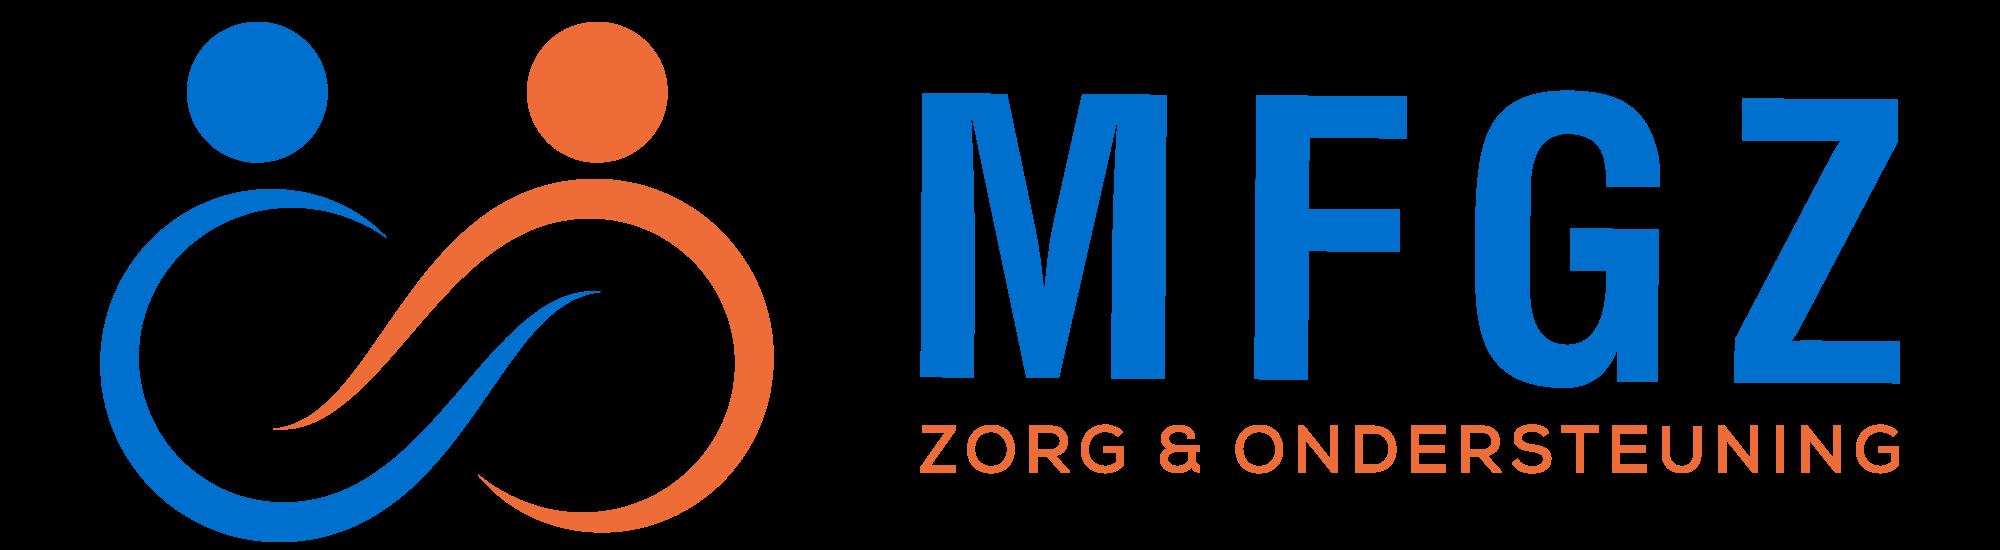 Martijn Free Gehandicaptenzorg